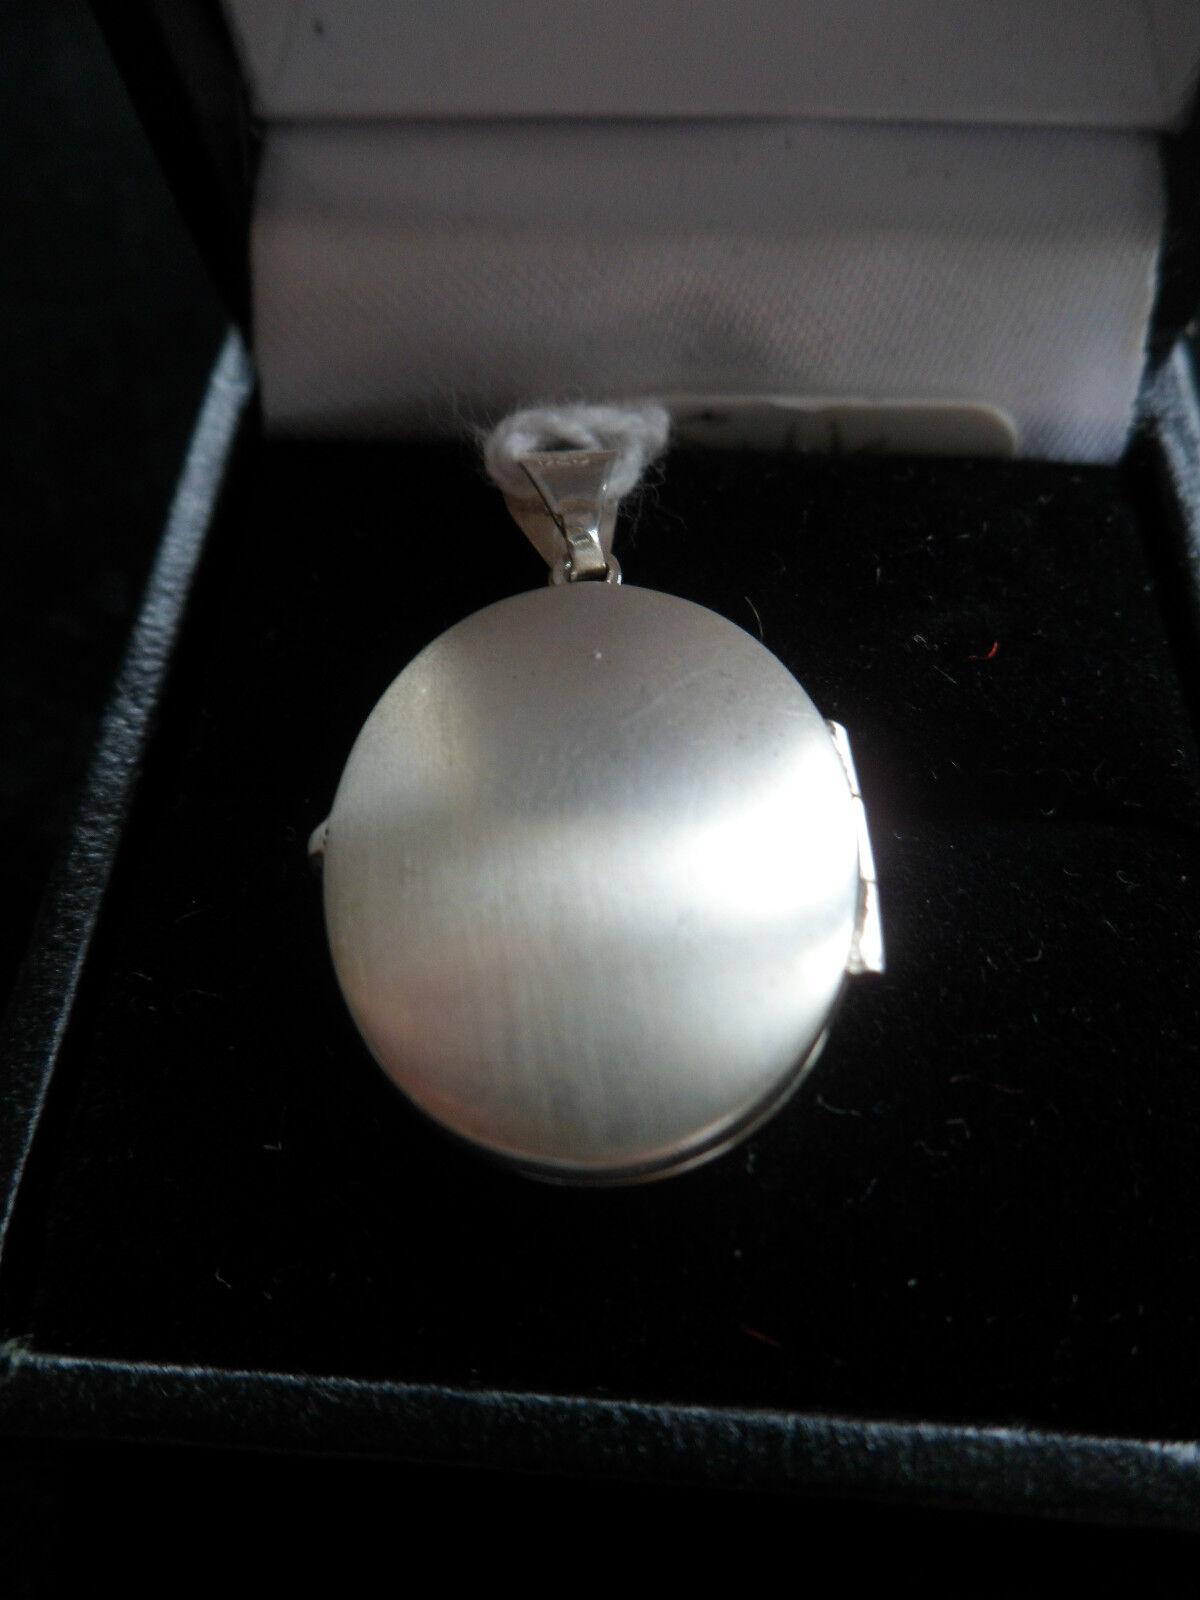 Piccolo Medaglione Ciondolo Charm argentoo decorativo per per per contenere 2 foto de0e21